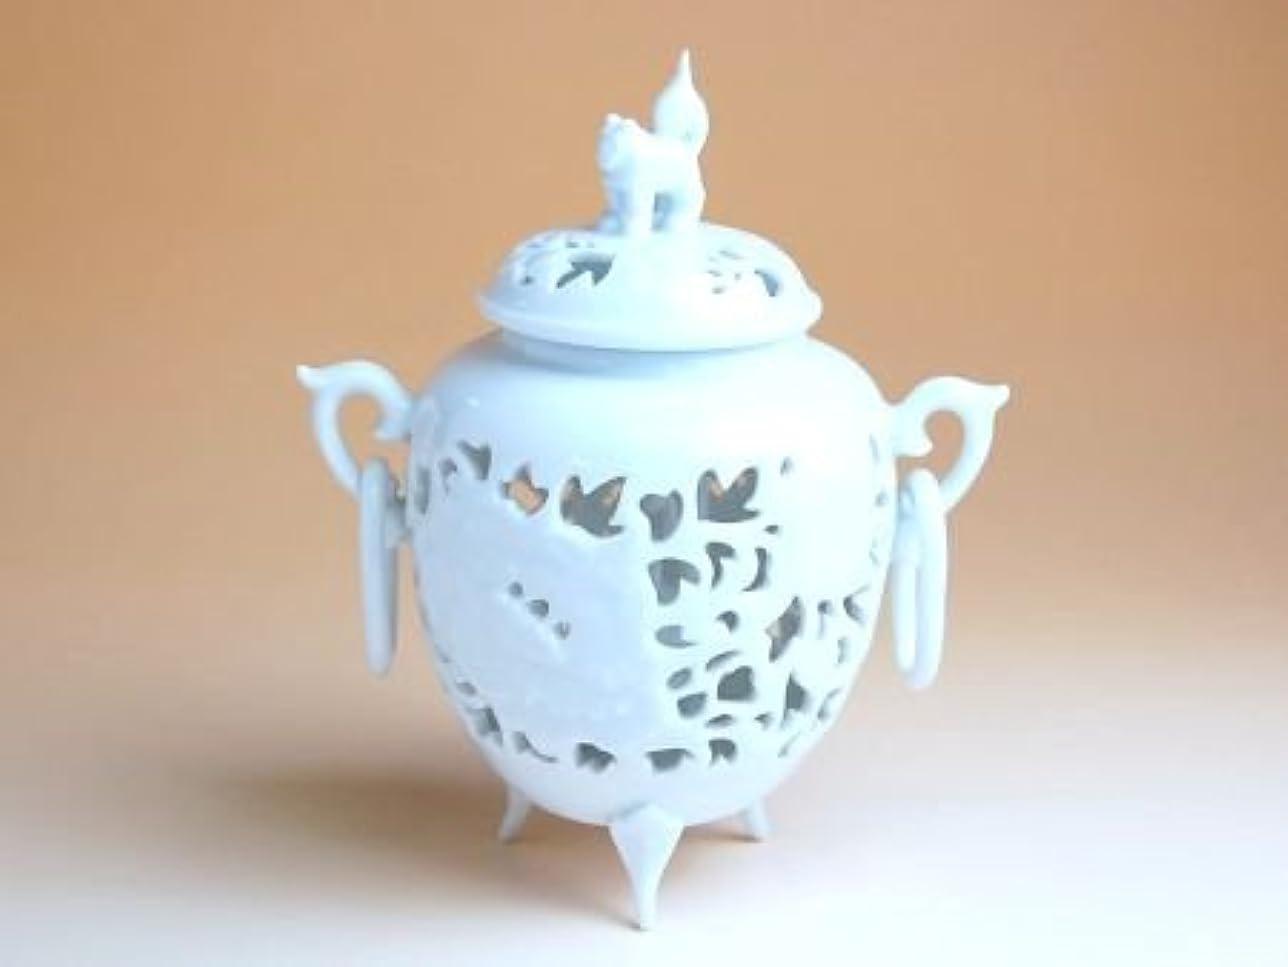 議論する大西洋腐食する有田焼 白磁彫浮牡丹 香炉(木箱付)【サイズ】高さ13cm